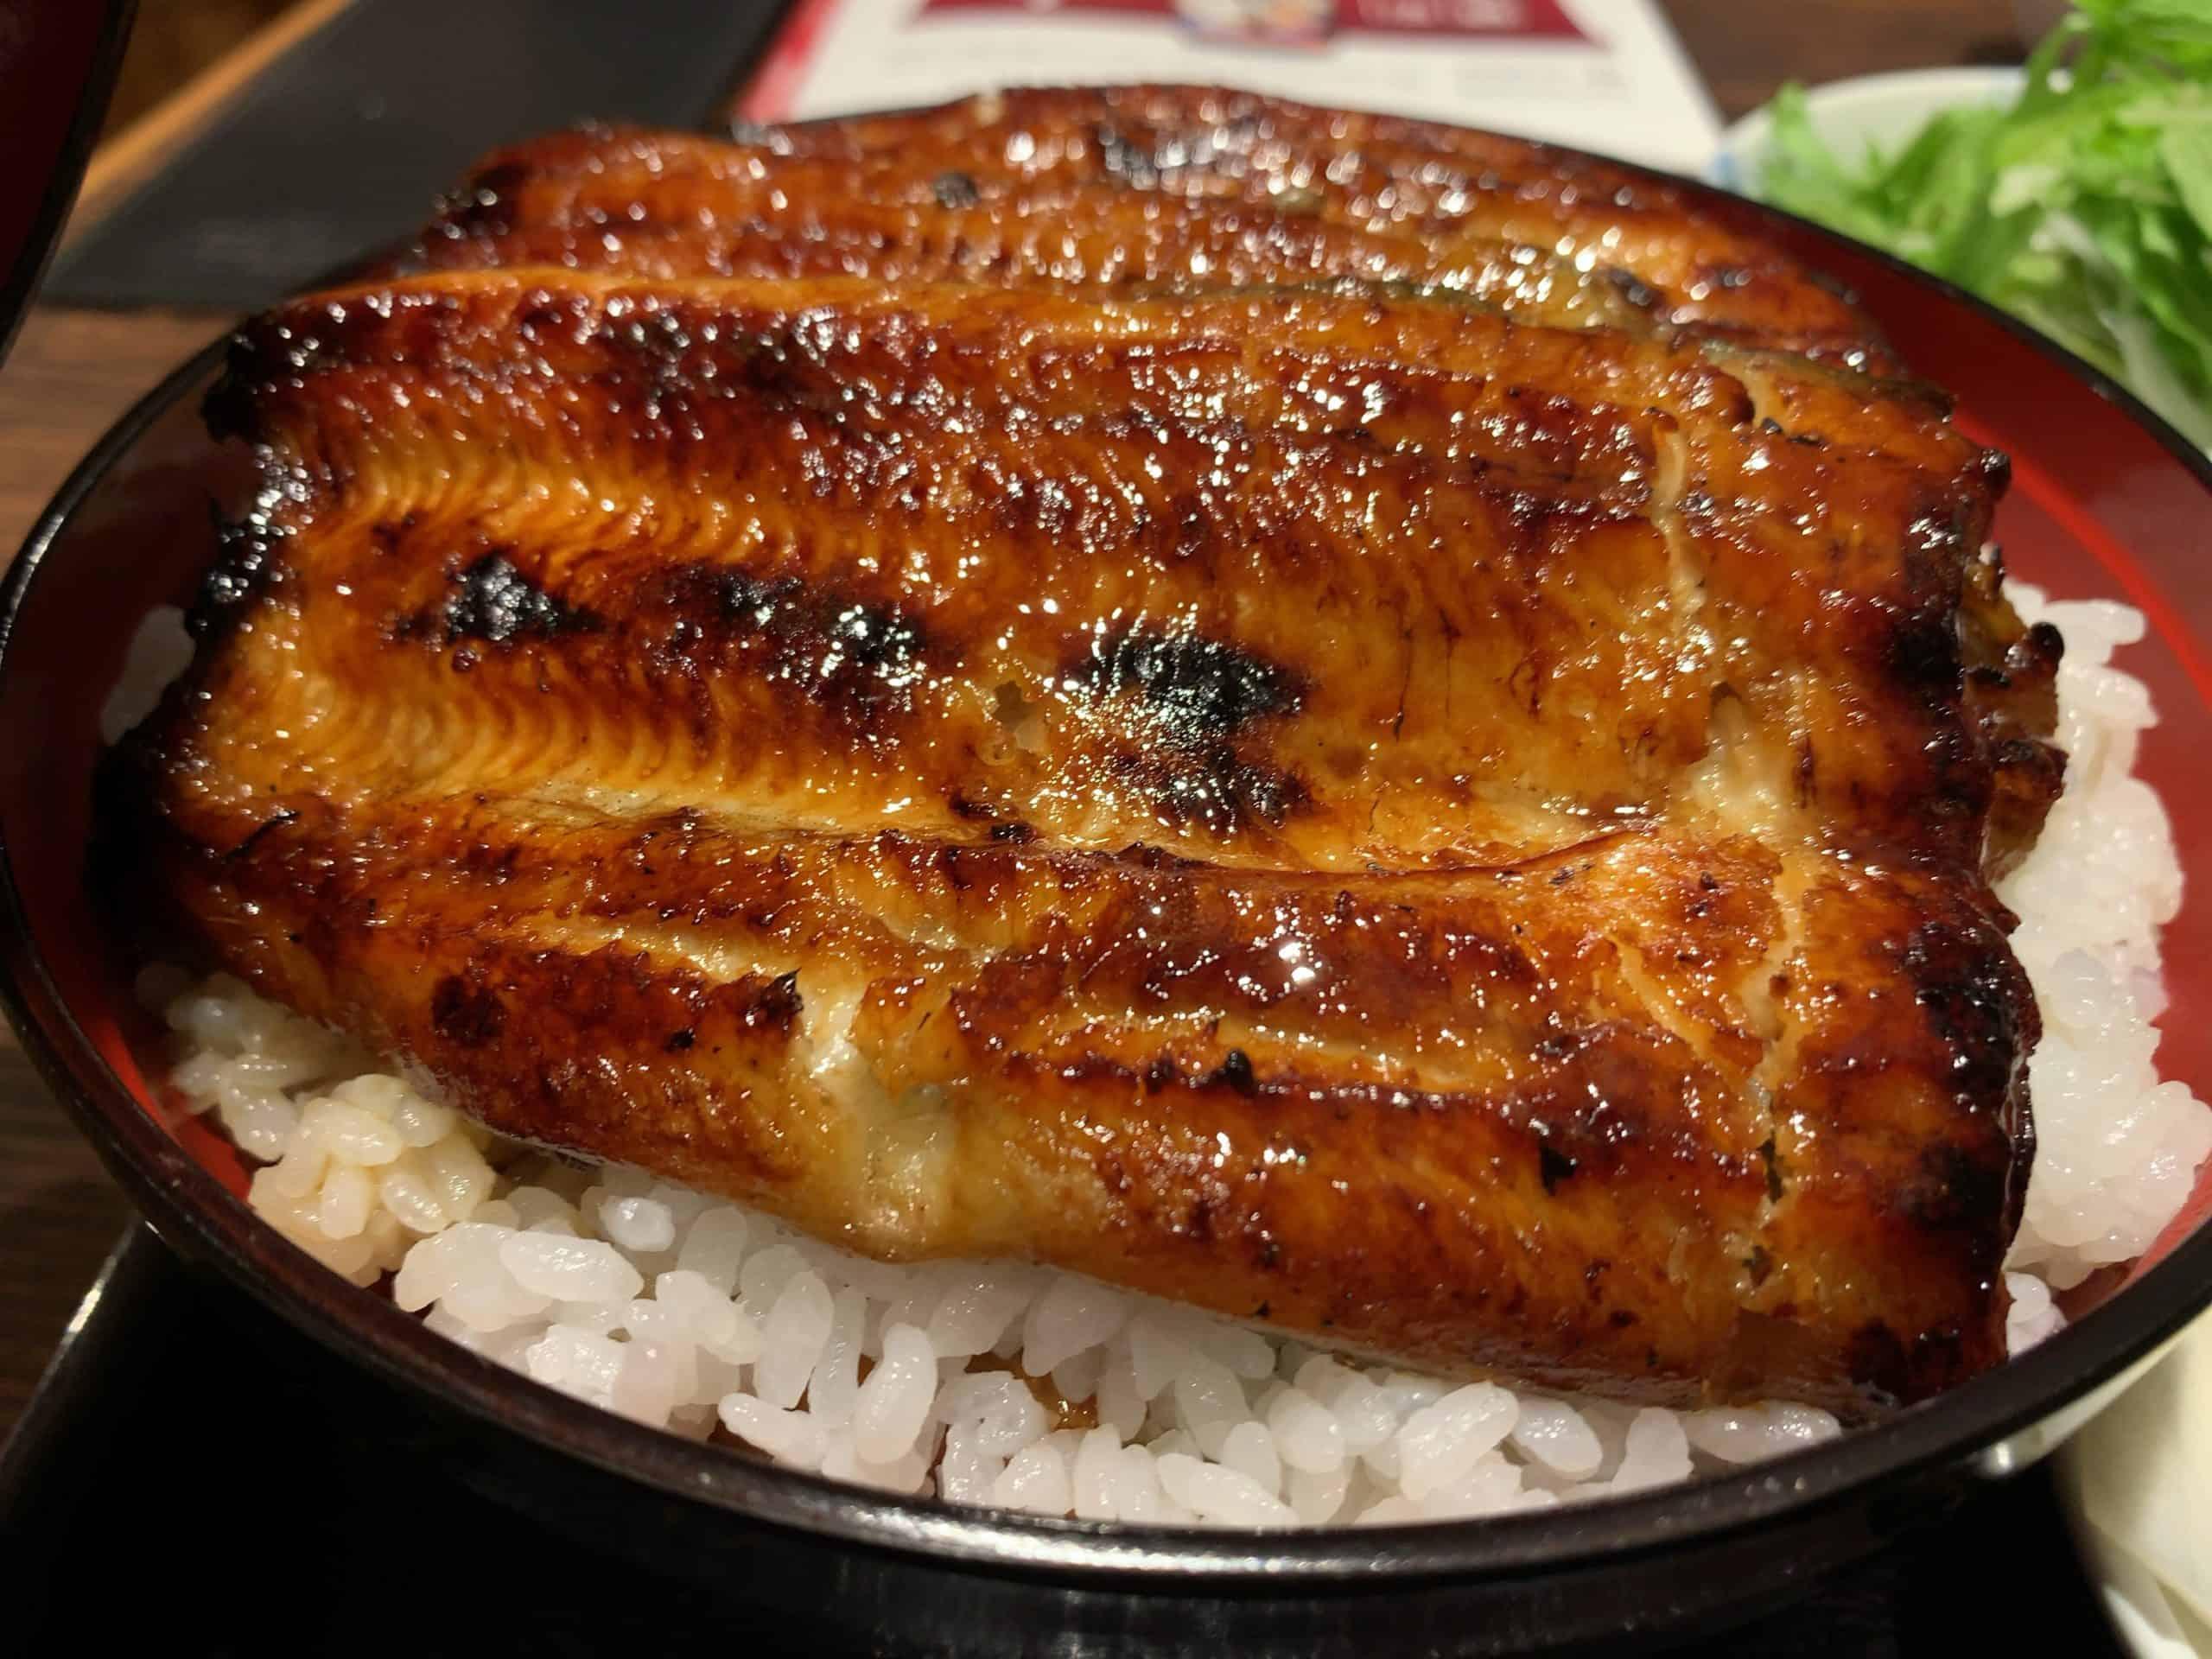 鹿児島うなぎの名店松重の「殿様丼」を食べるにふさわしい男になりたい。